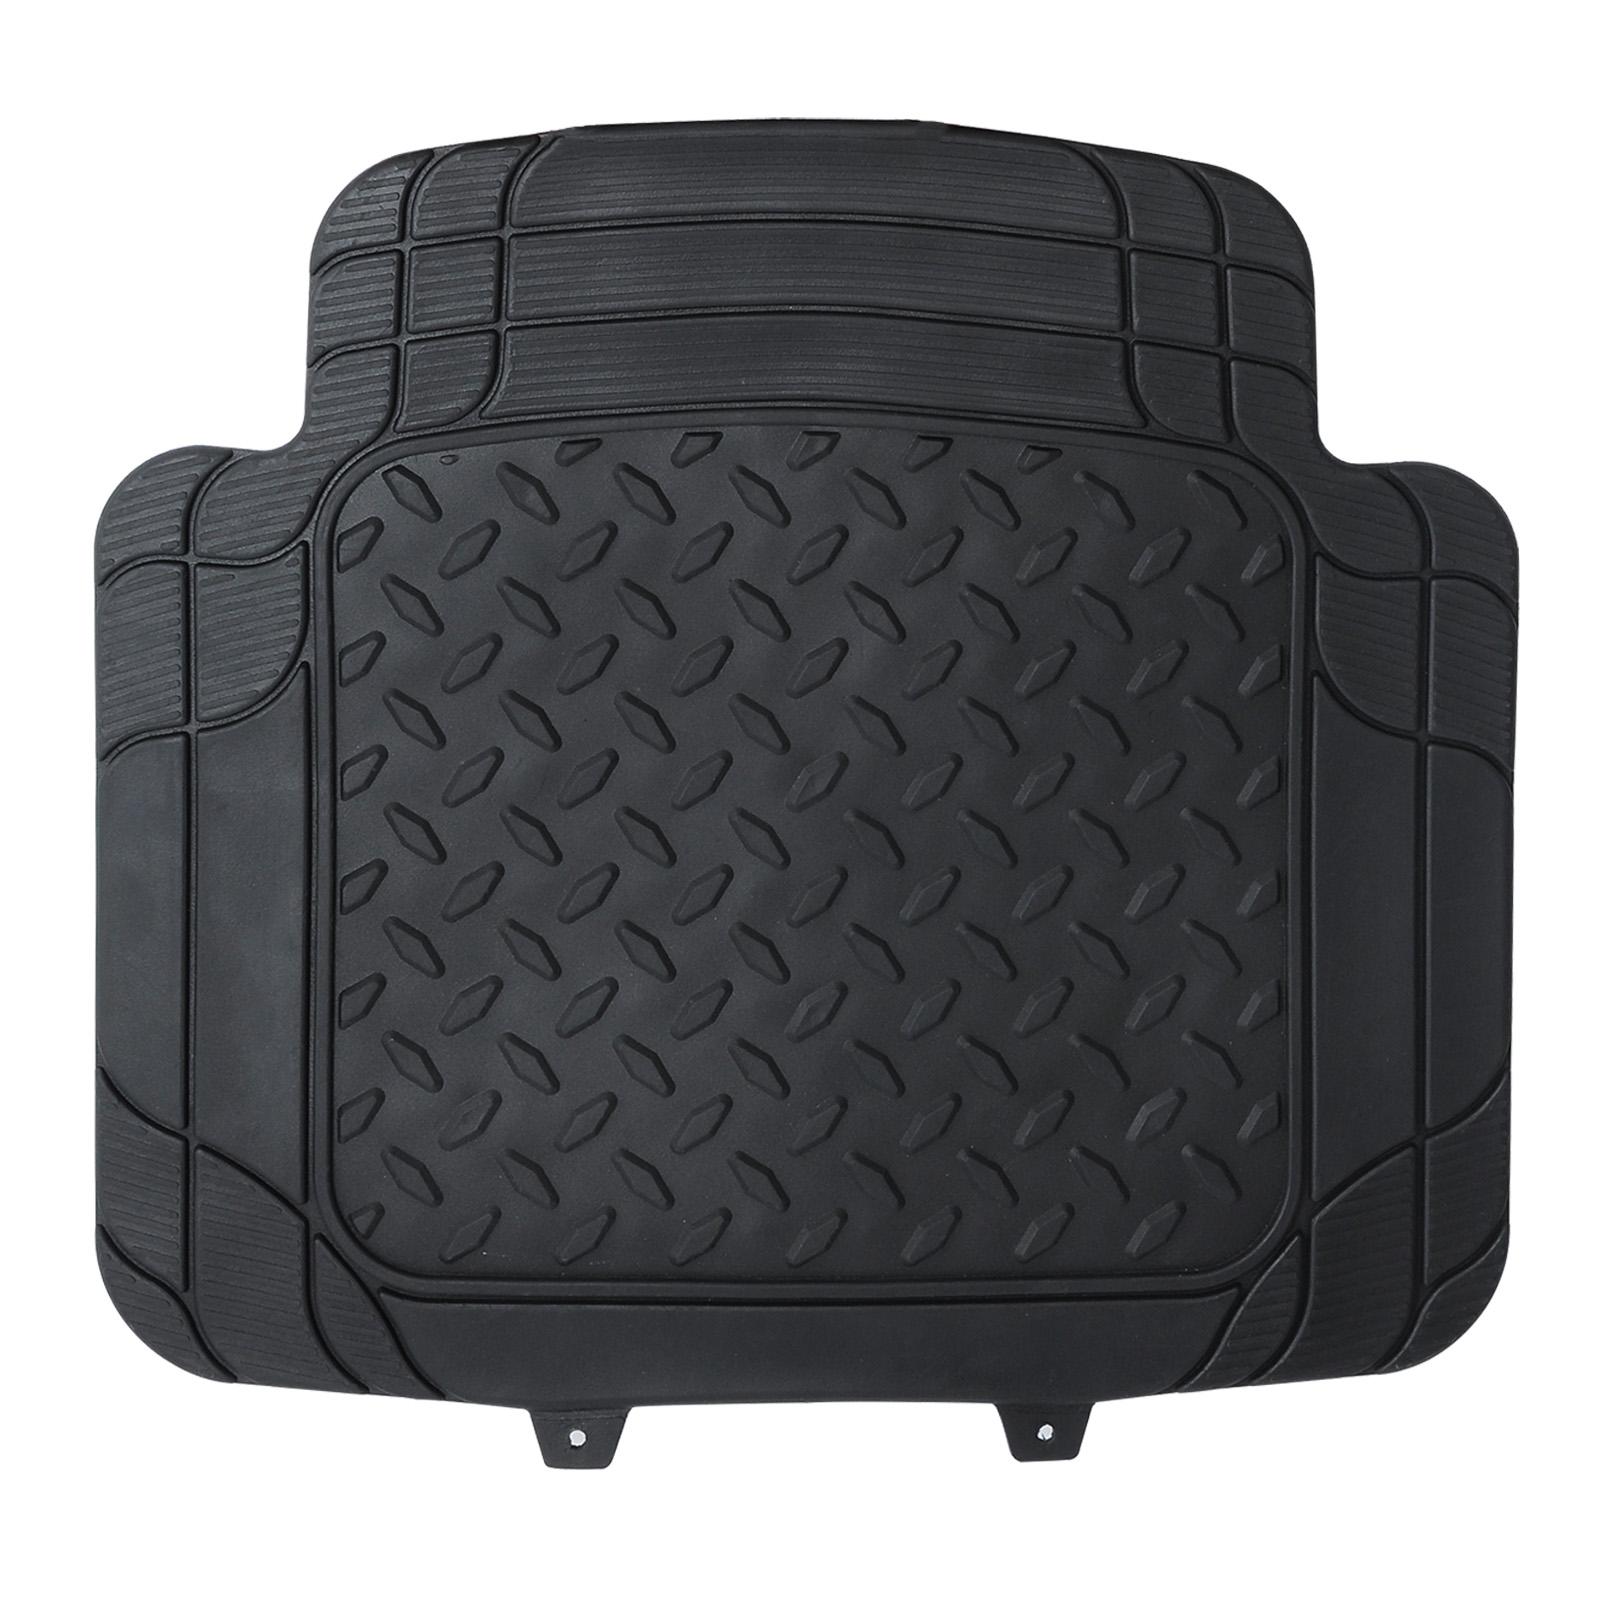 universal auto fu matten gummi matte riffelblech 4 teilig rot am7176rt. Black Bedroom Furniture Sets. Home Design Ideas